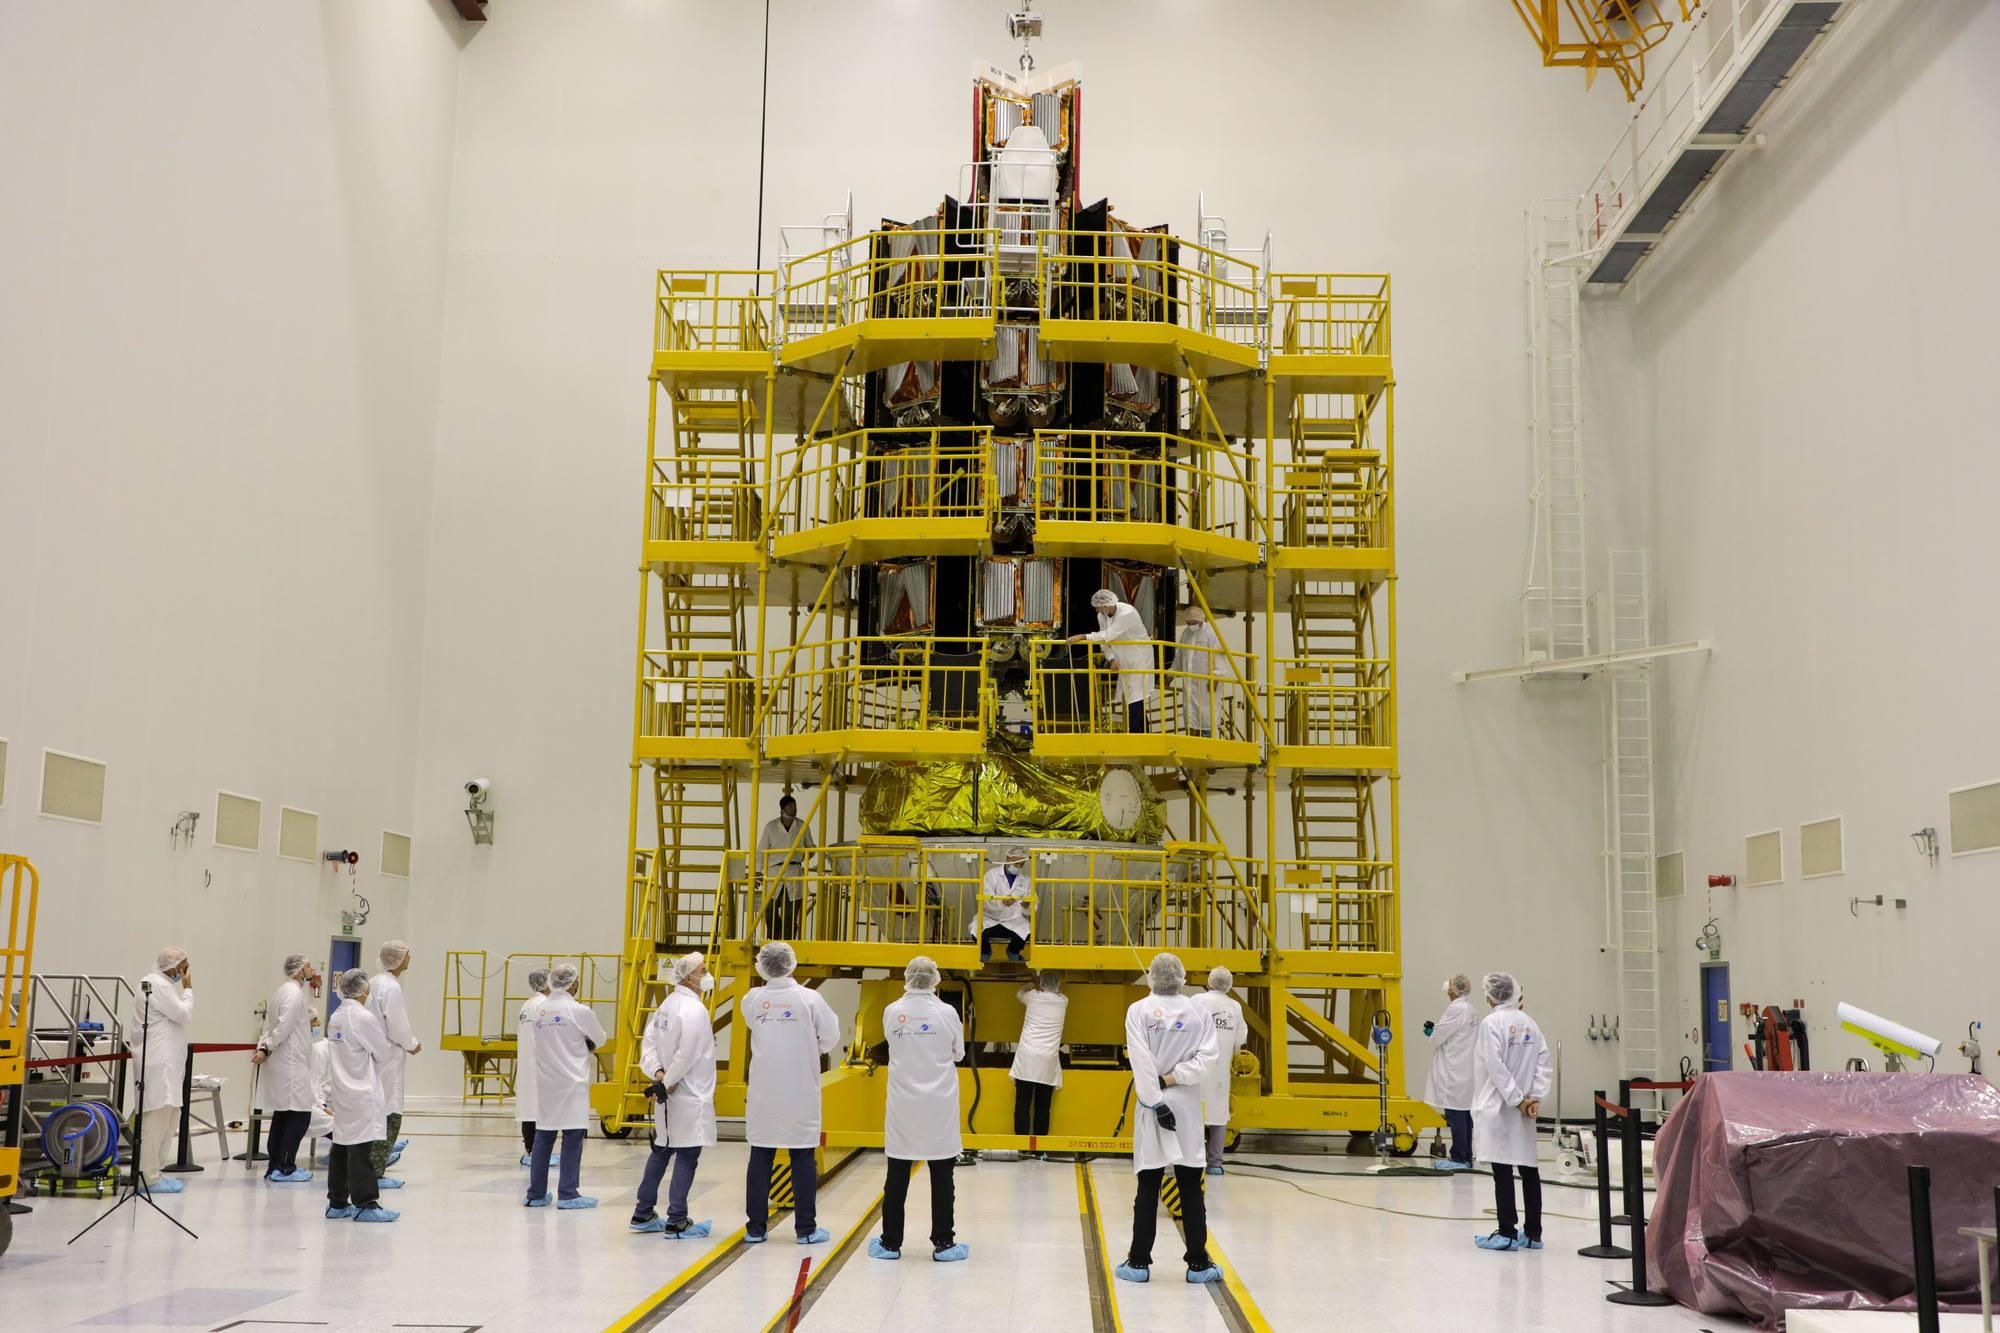 Une vue générale du stand avec les satellites et l'étage d'injection Fregat.